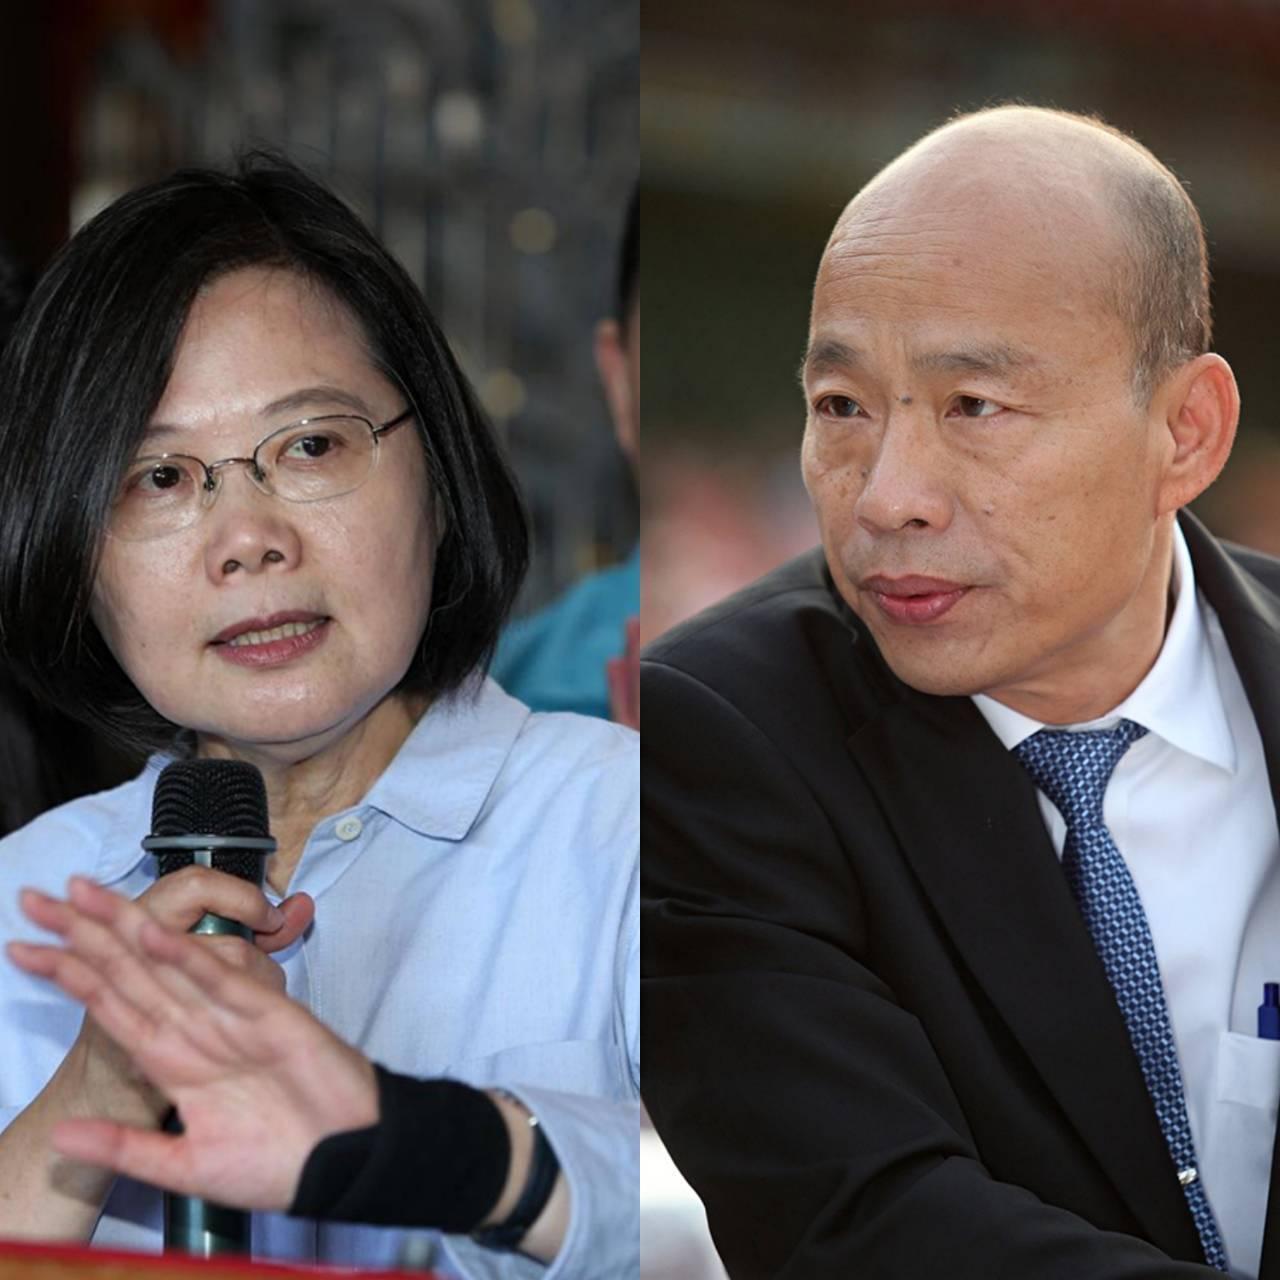 蔡英文总统(左)、国民党总统参选人韩国瑜(右)。本报资料照合成